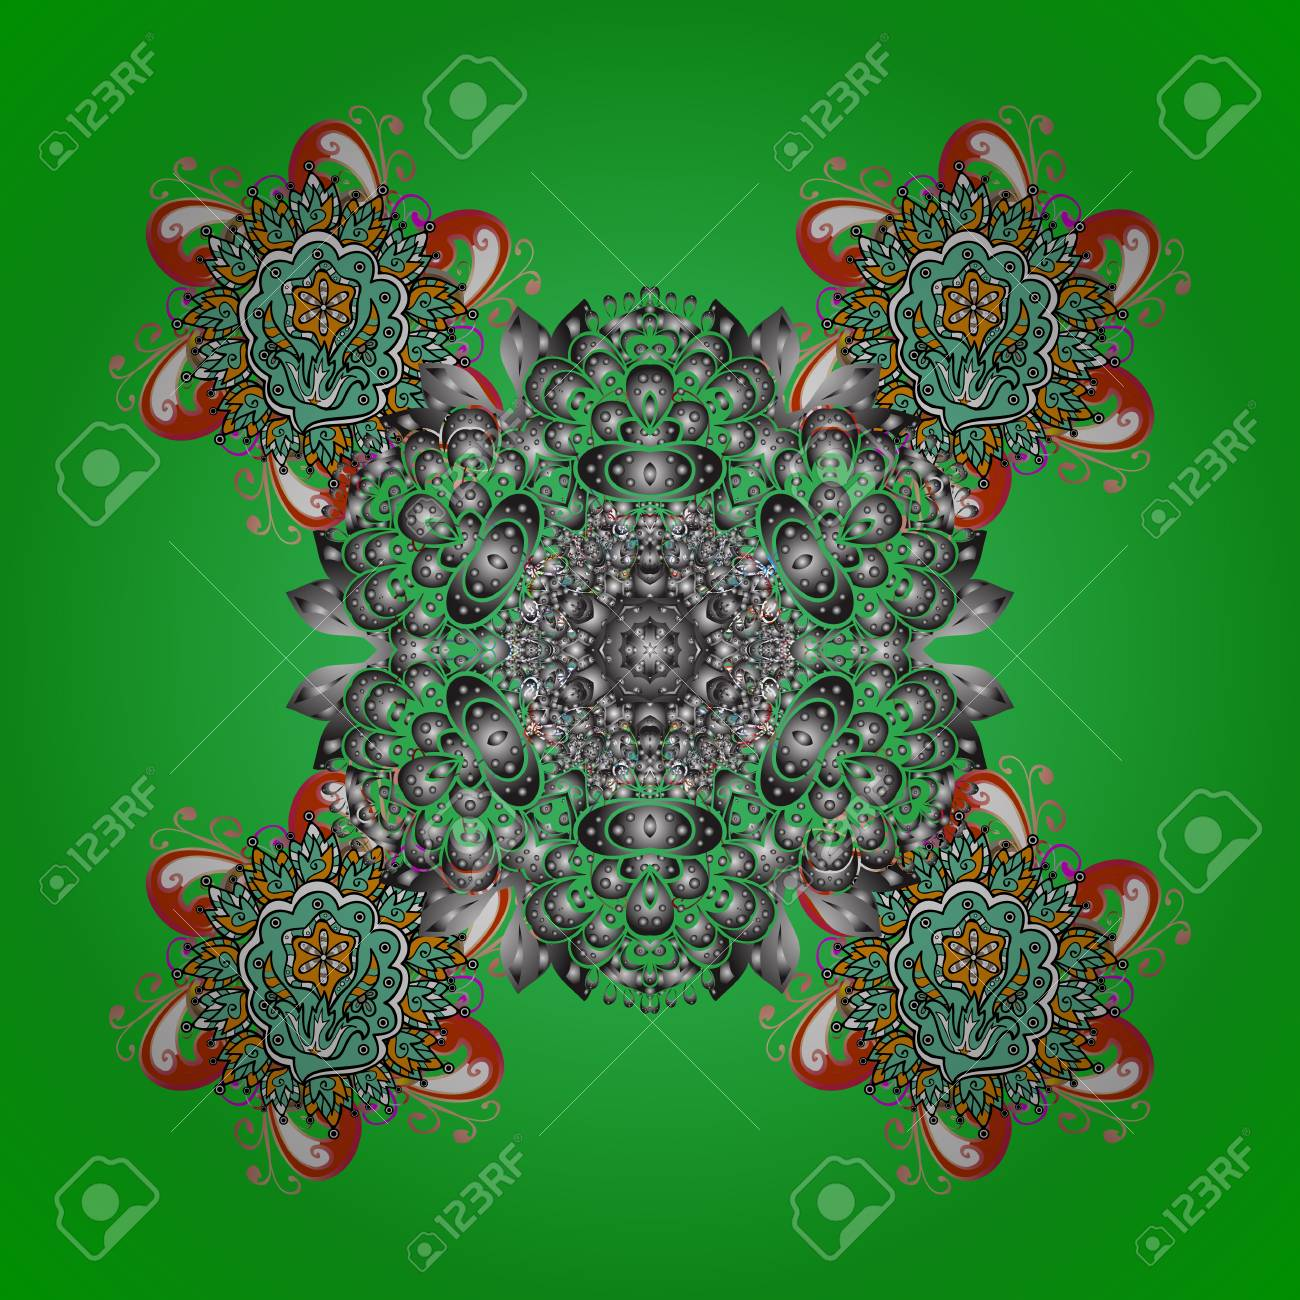 Una Ilustración Vectorial De Invierno Ornamental Para Decoración ...